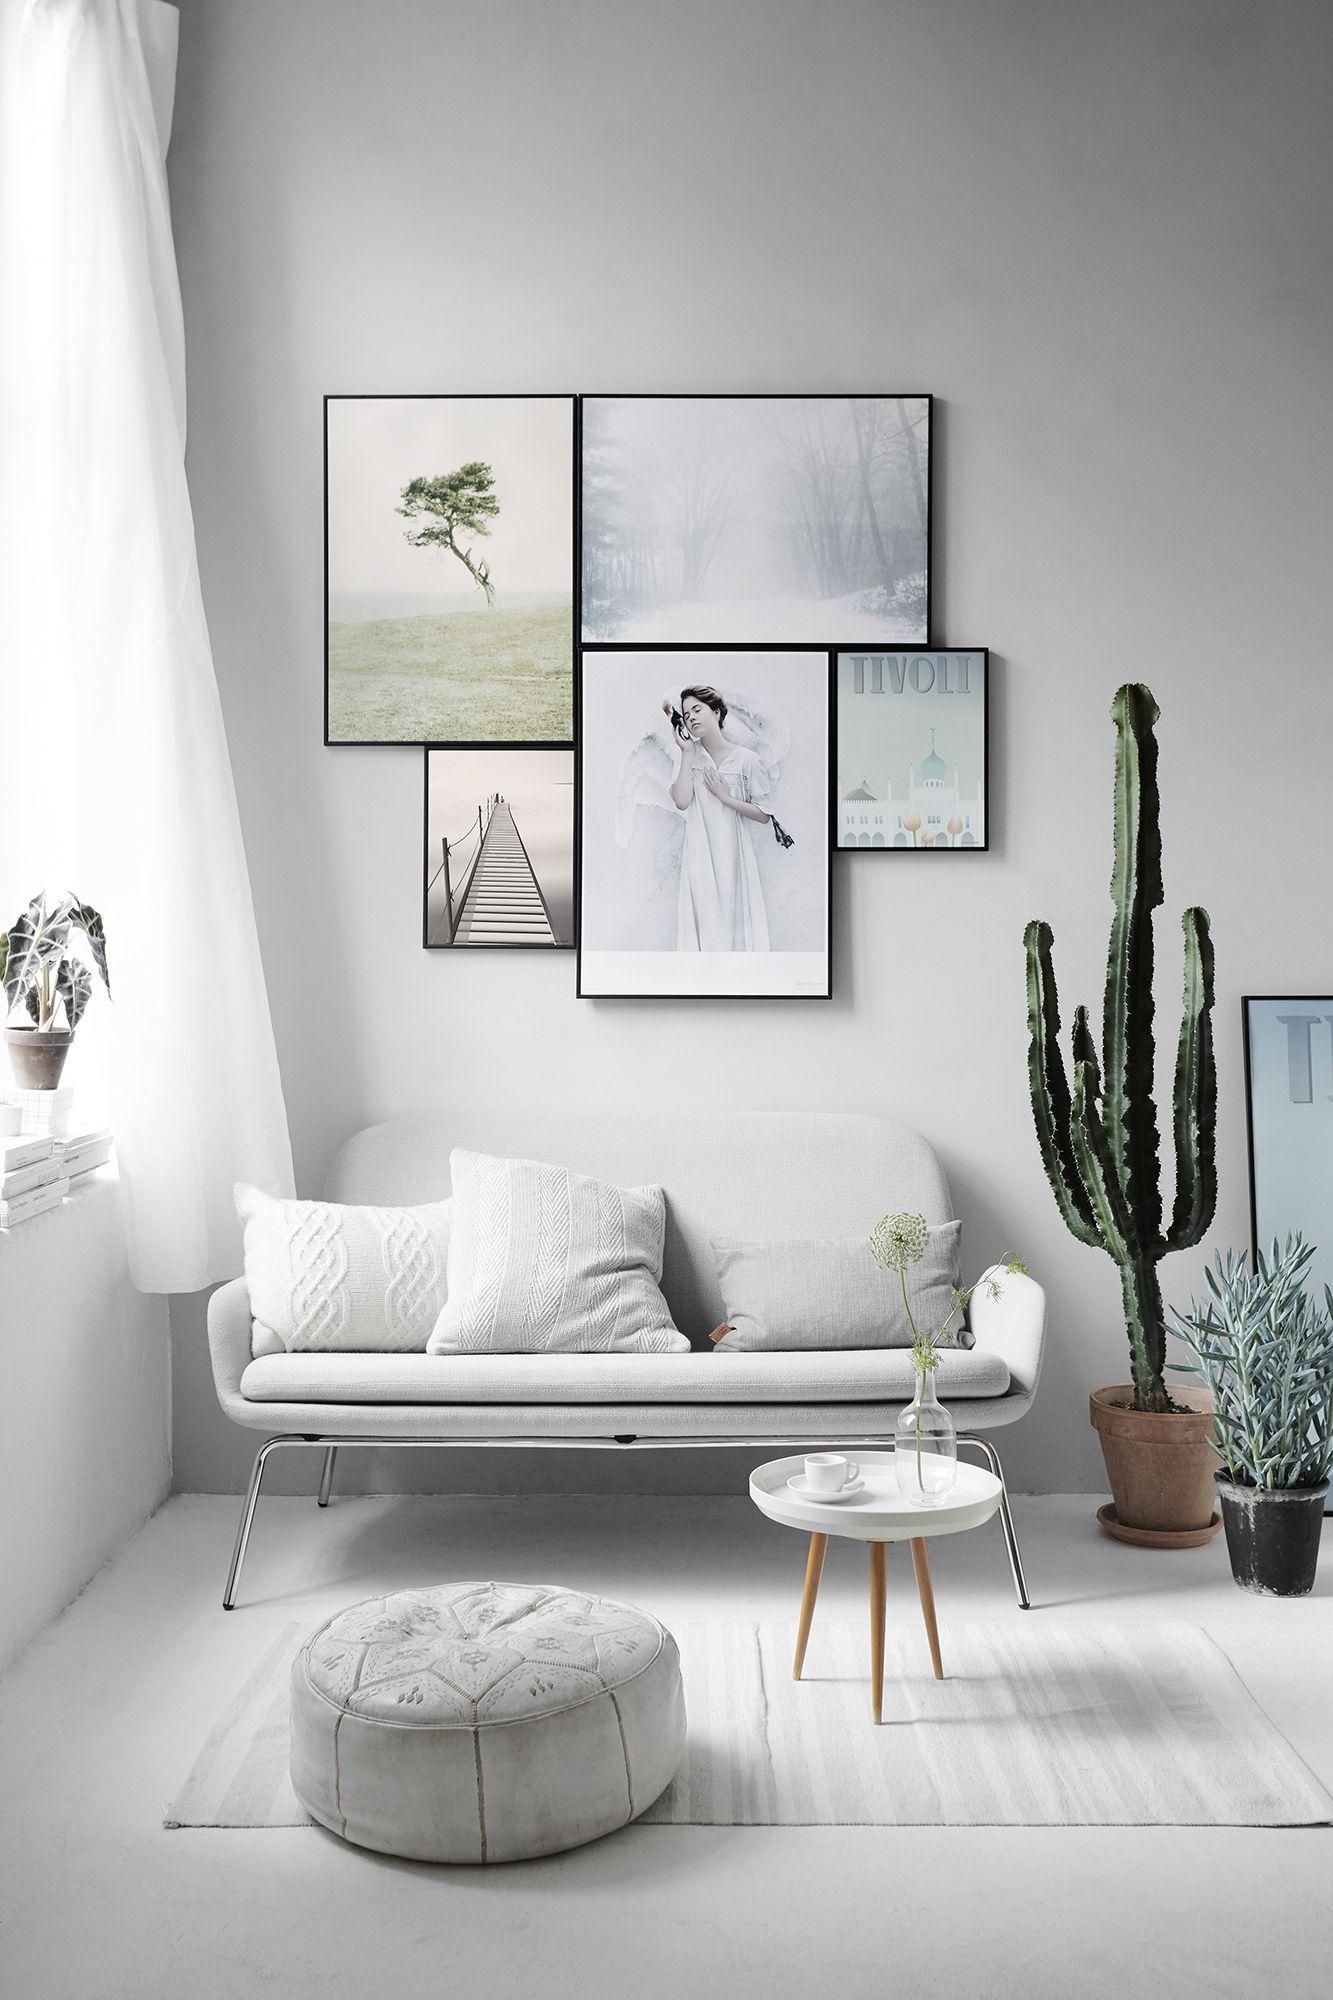 Vissevasse Scandinavische Stijl Interieur Minimalistische Woonkamer Woonkamer Decoratie